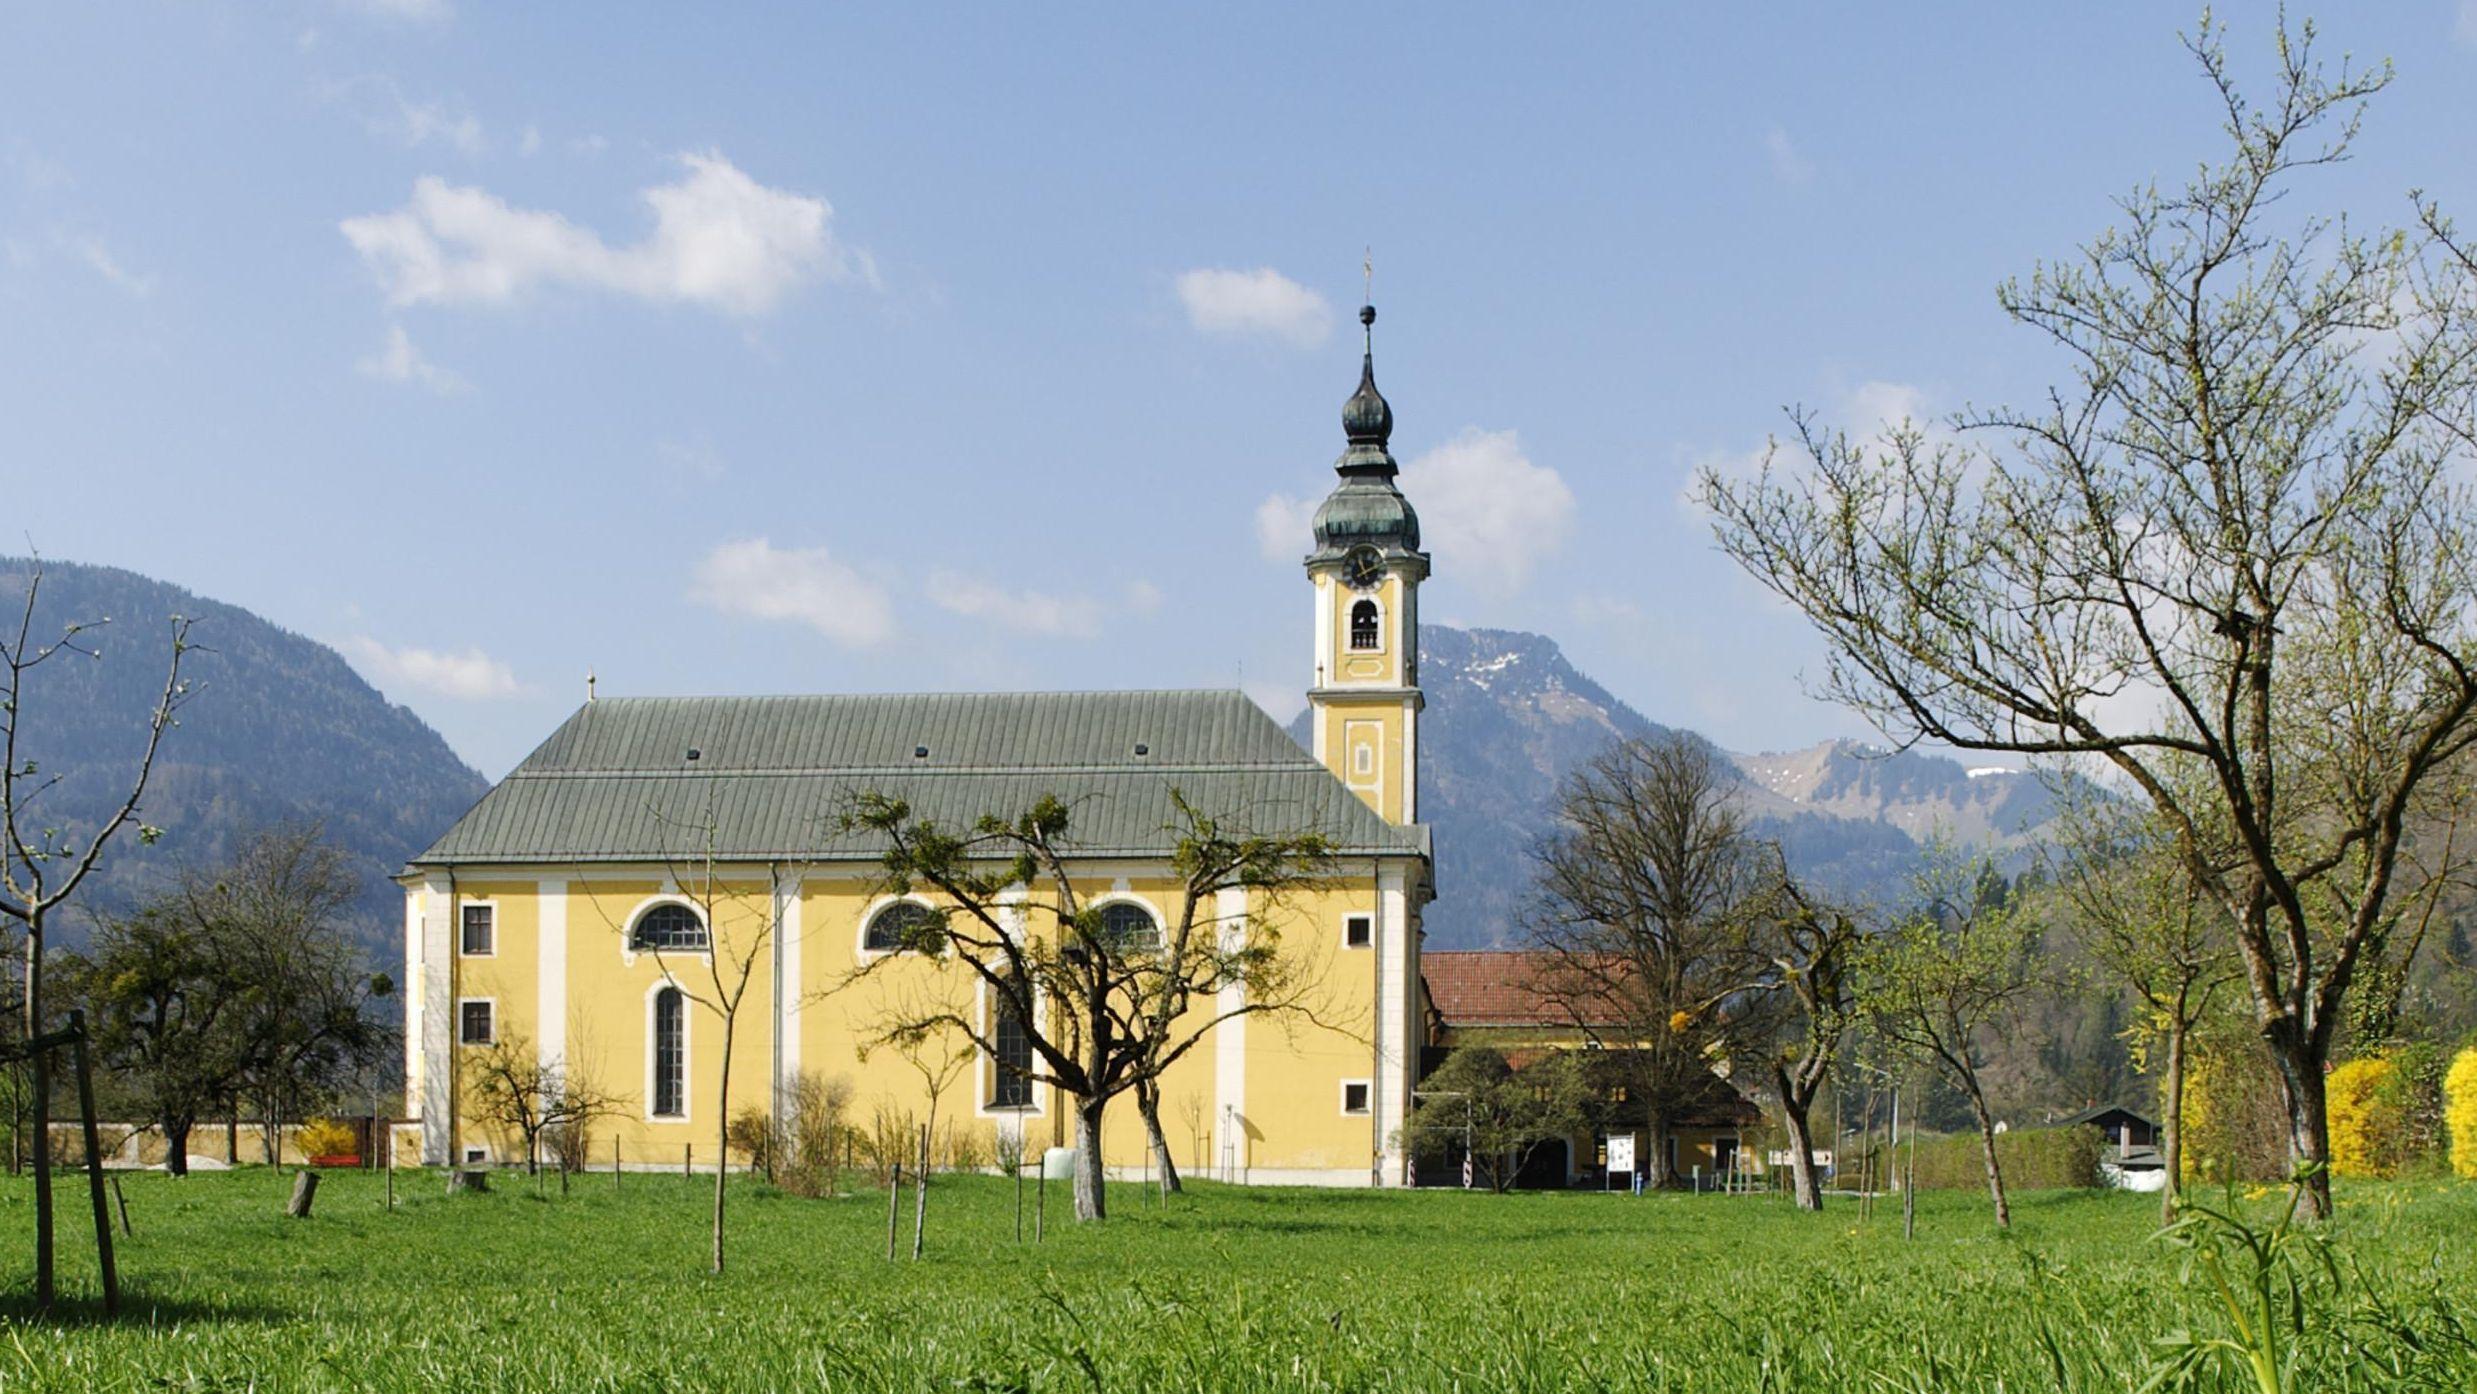 Kloster Reisach, Niederaudorf im bayerischen Inntal